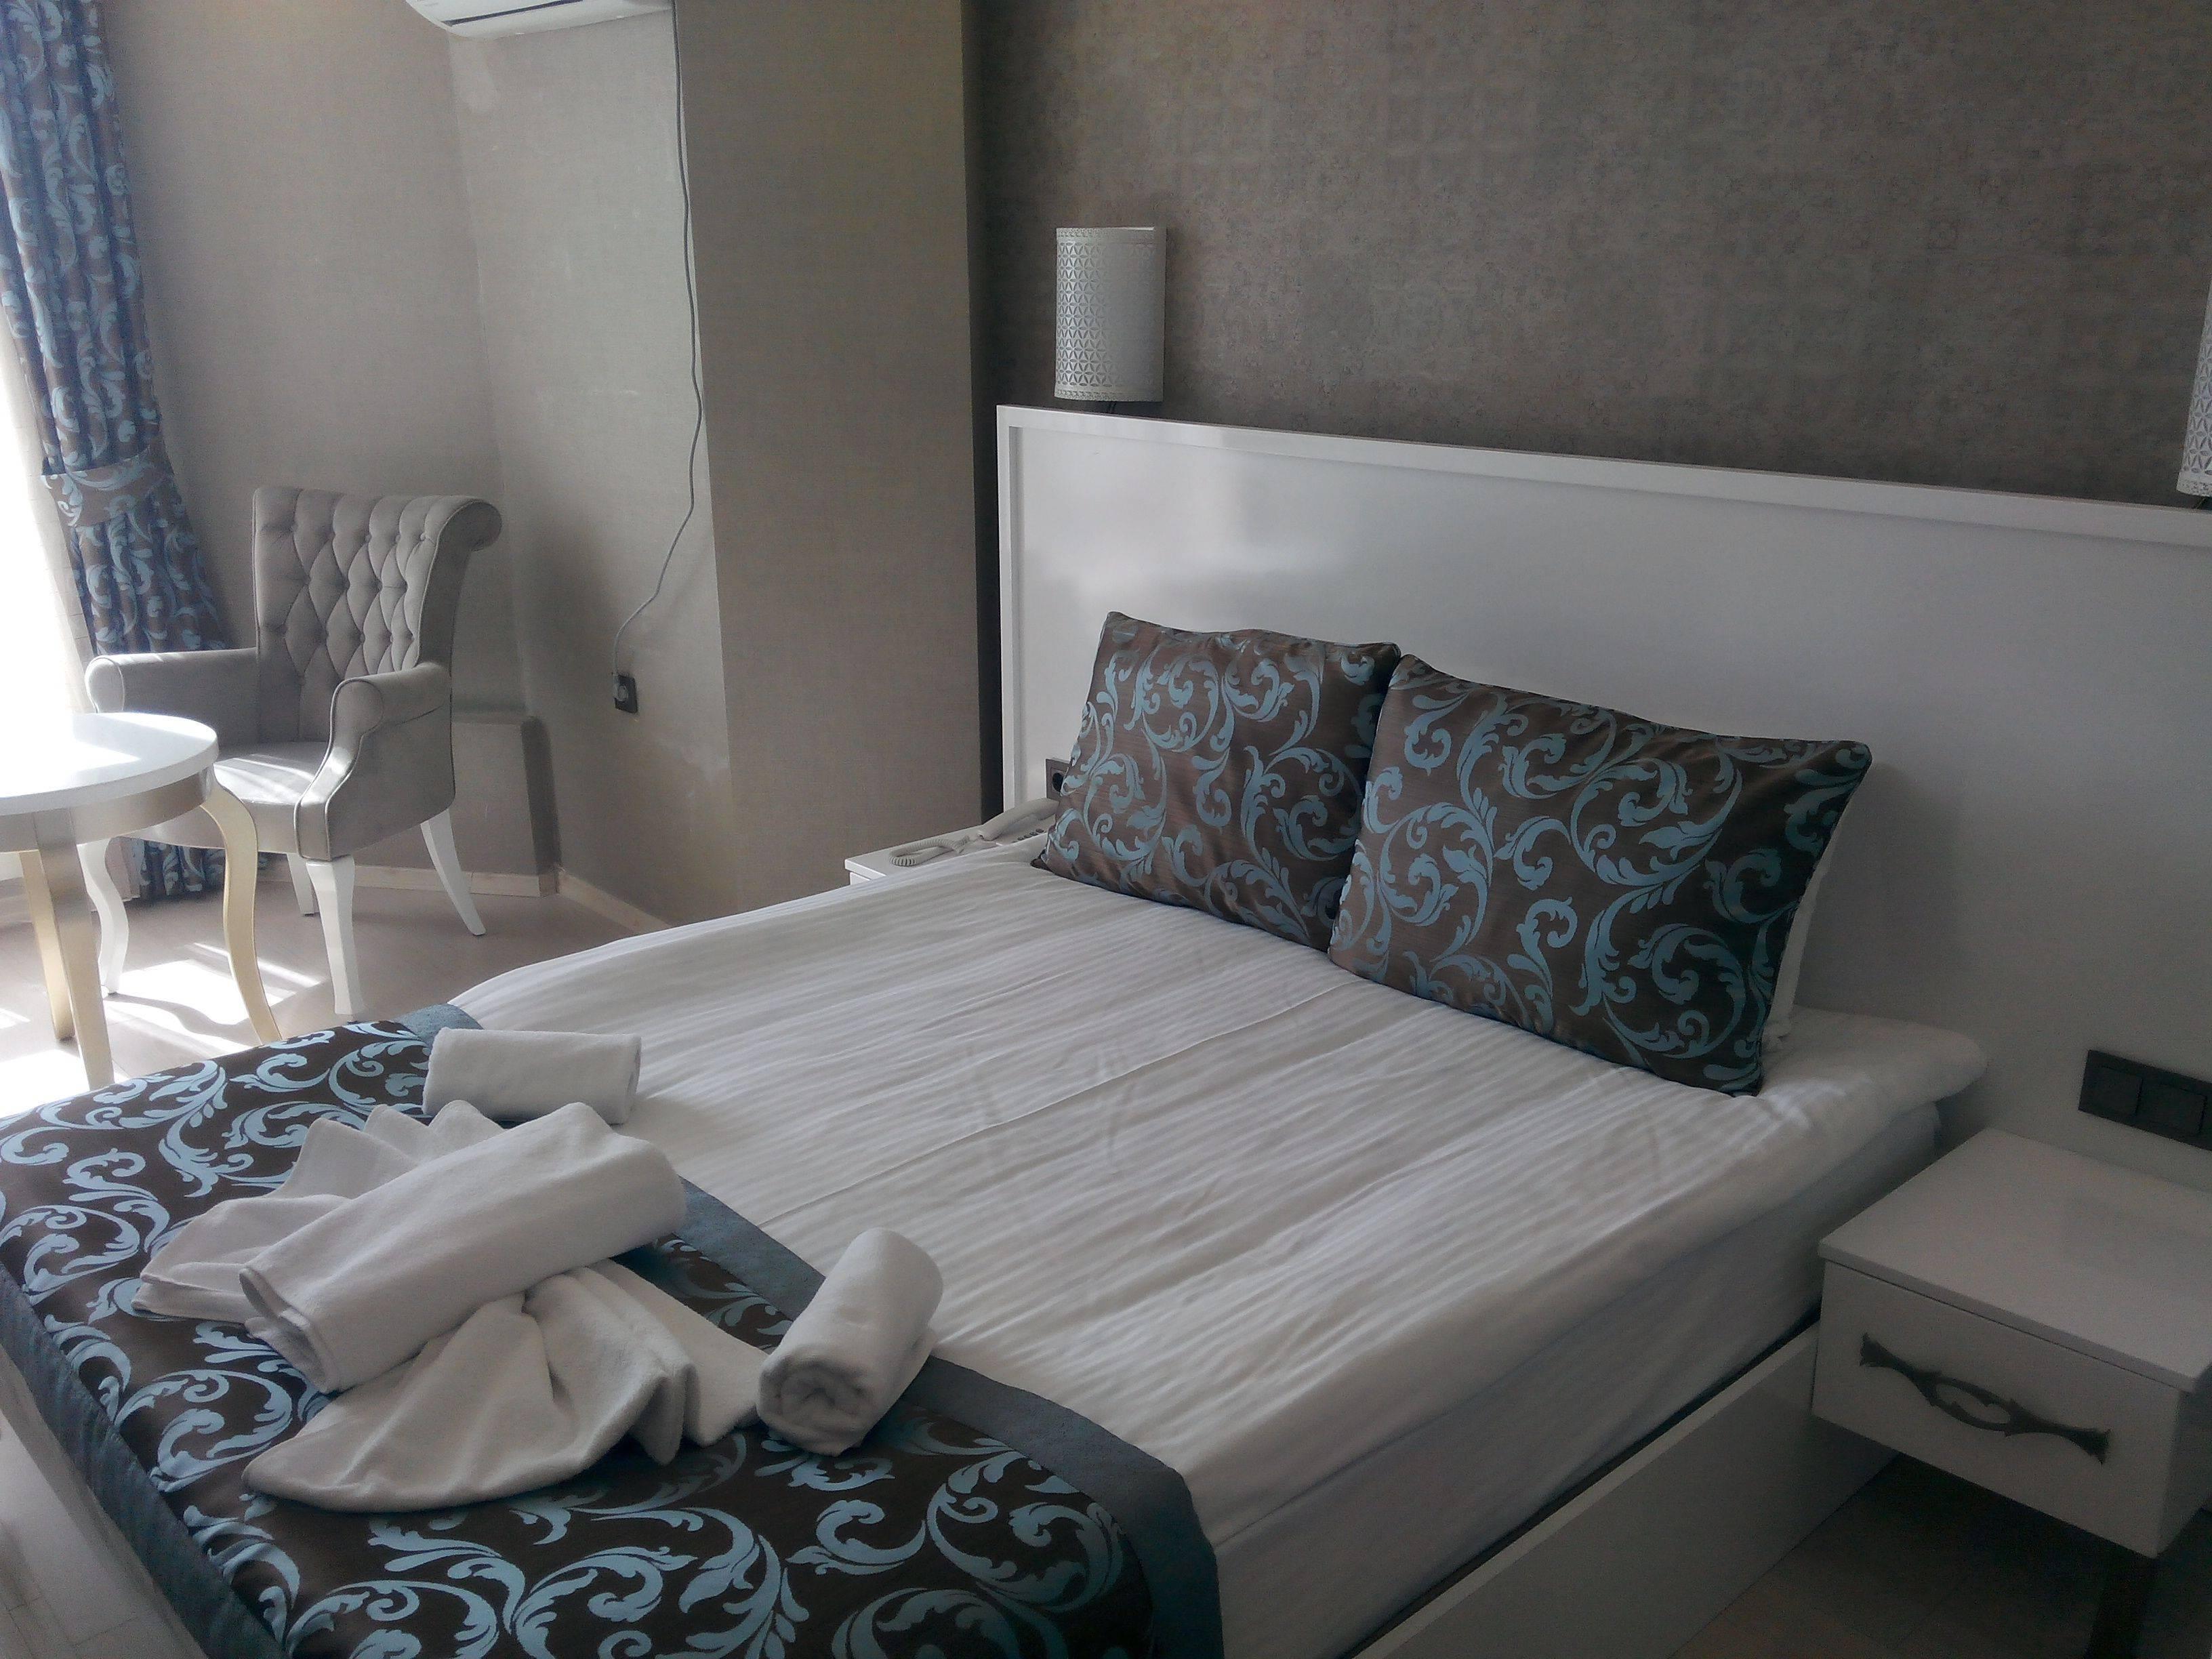 Beyaz Saray Otel, Kırıkkale, Kırıkkale Merkez, 24454